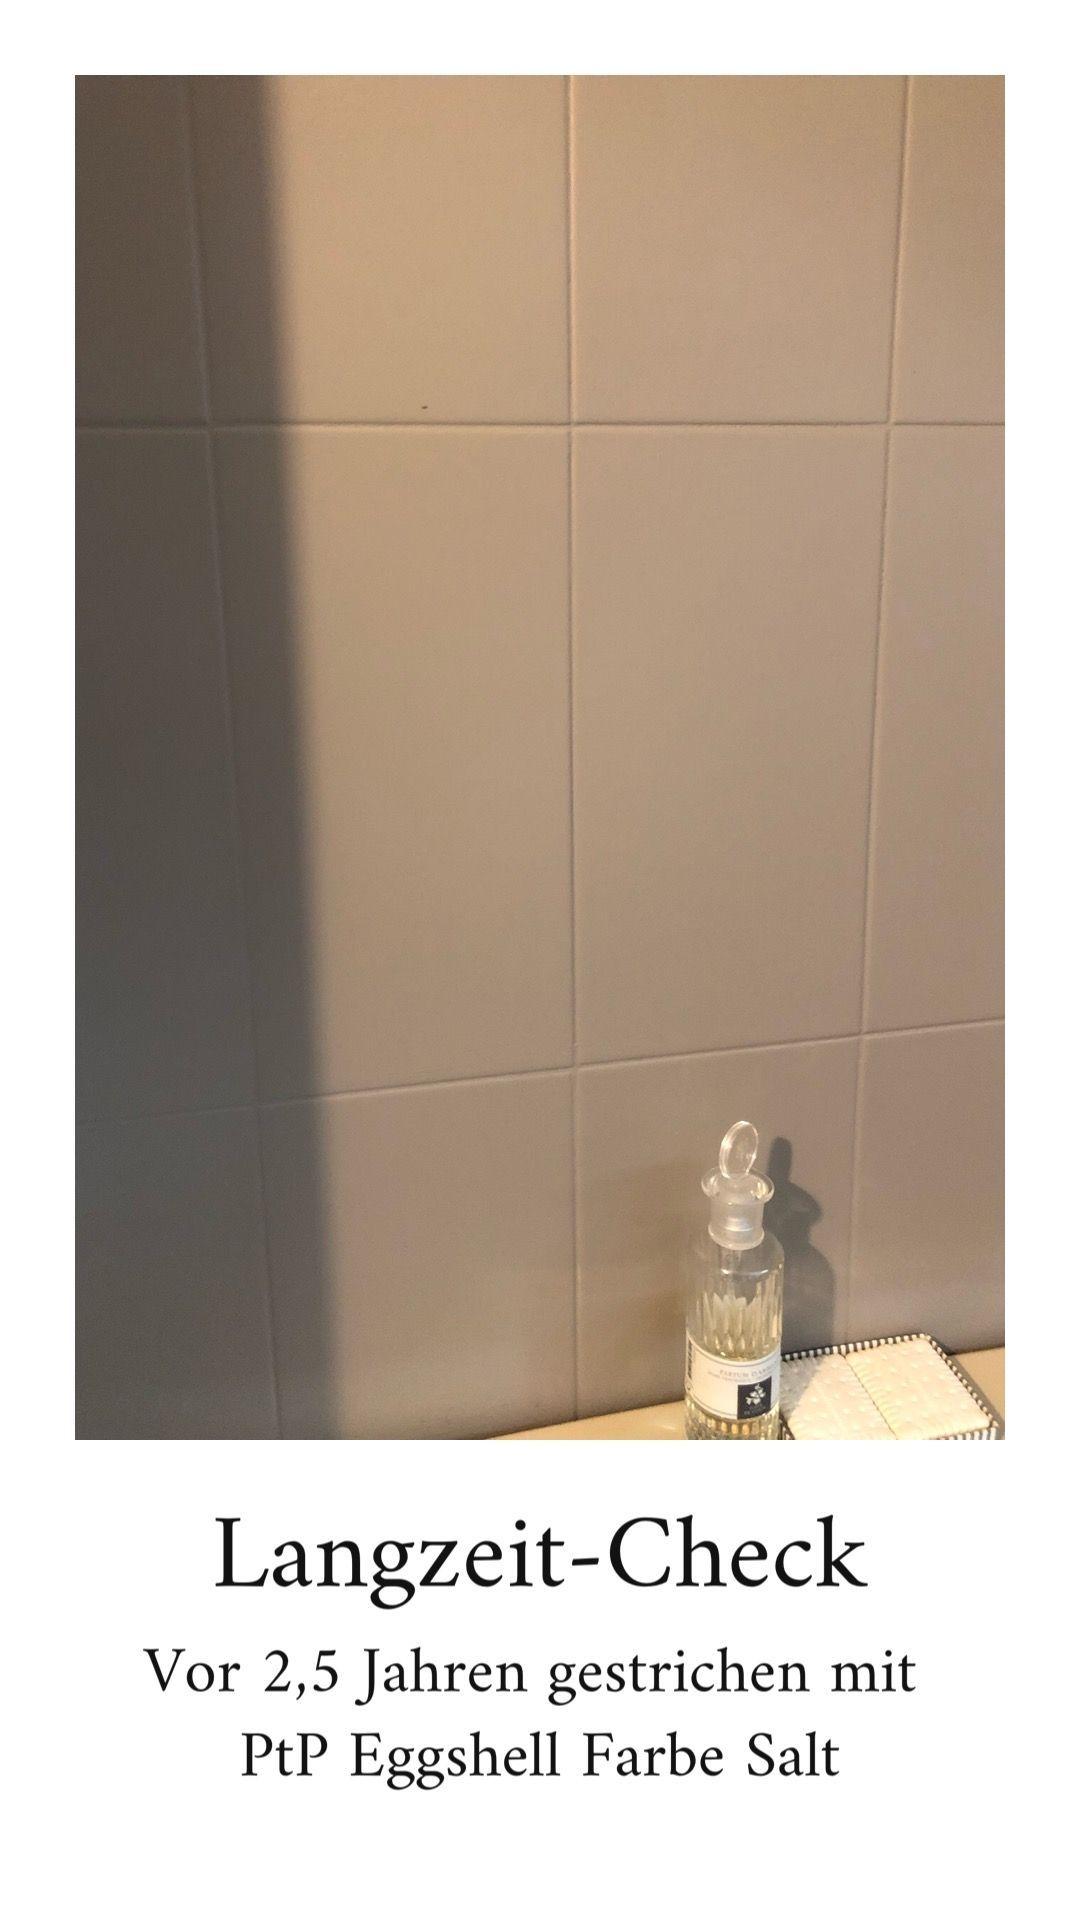 Die Badezimmerfliesen Streichen Badezimmerfliesen Die Streichen In 2020 Small Bathroom Renovations Tile Crafts Painting Tile